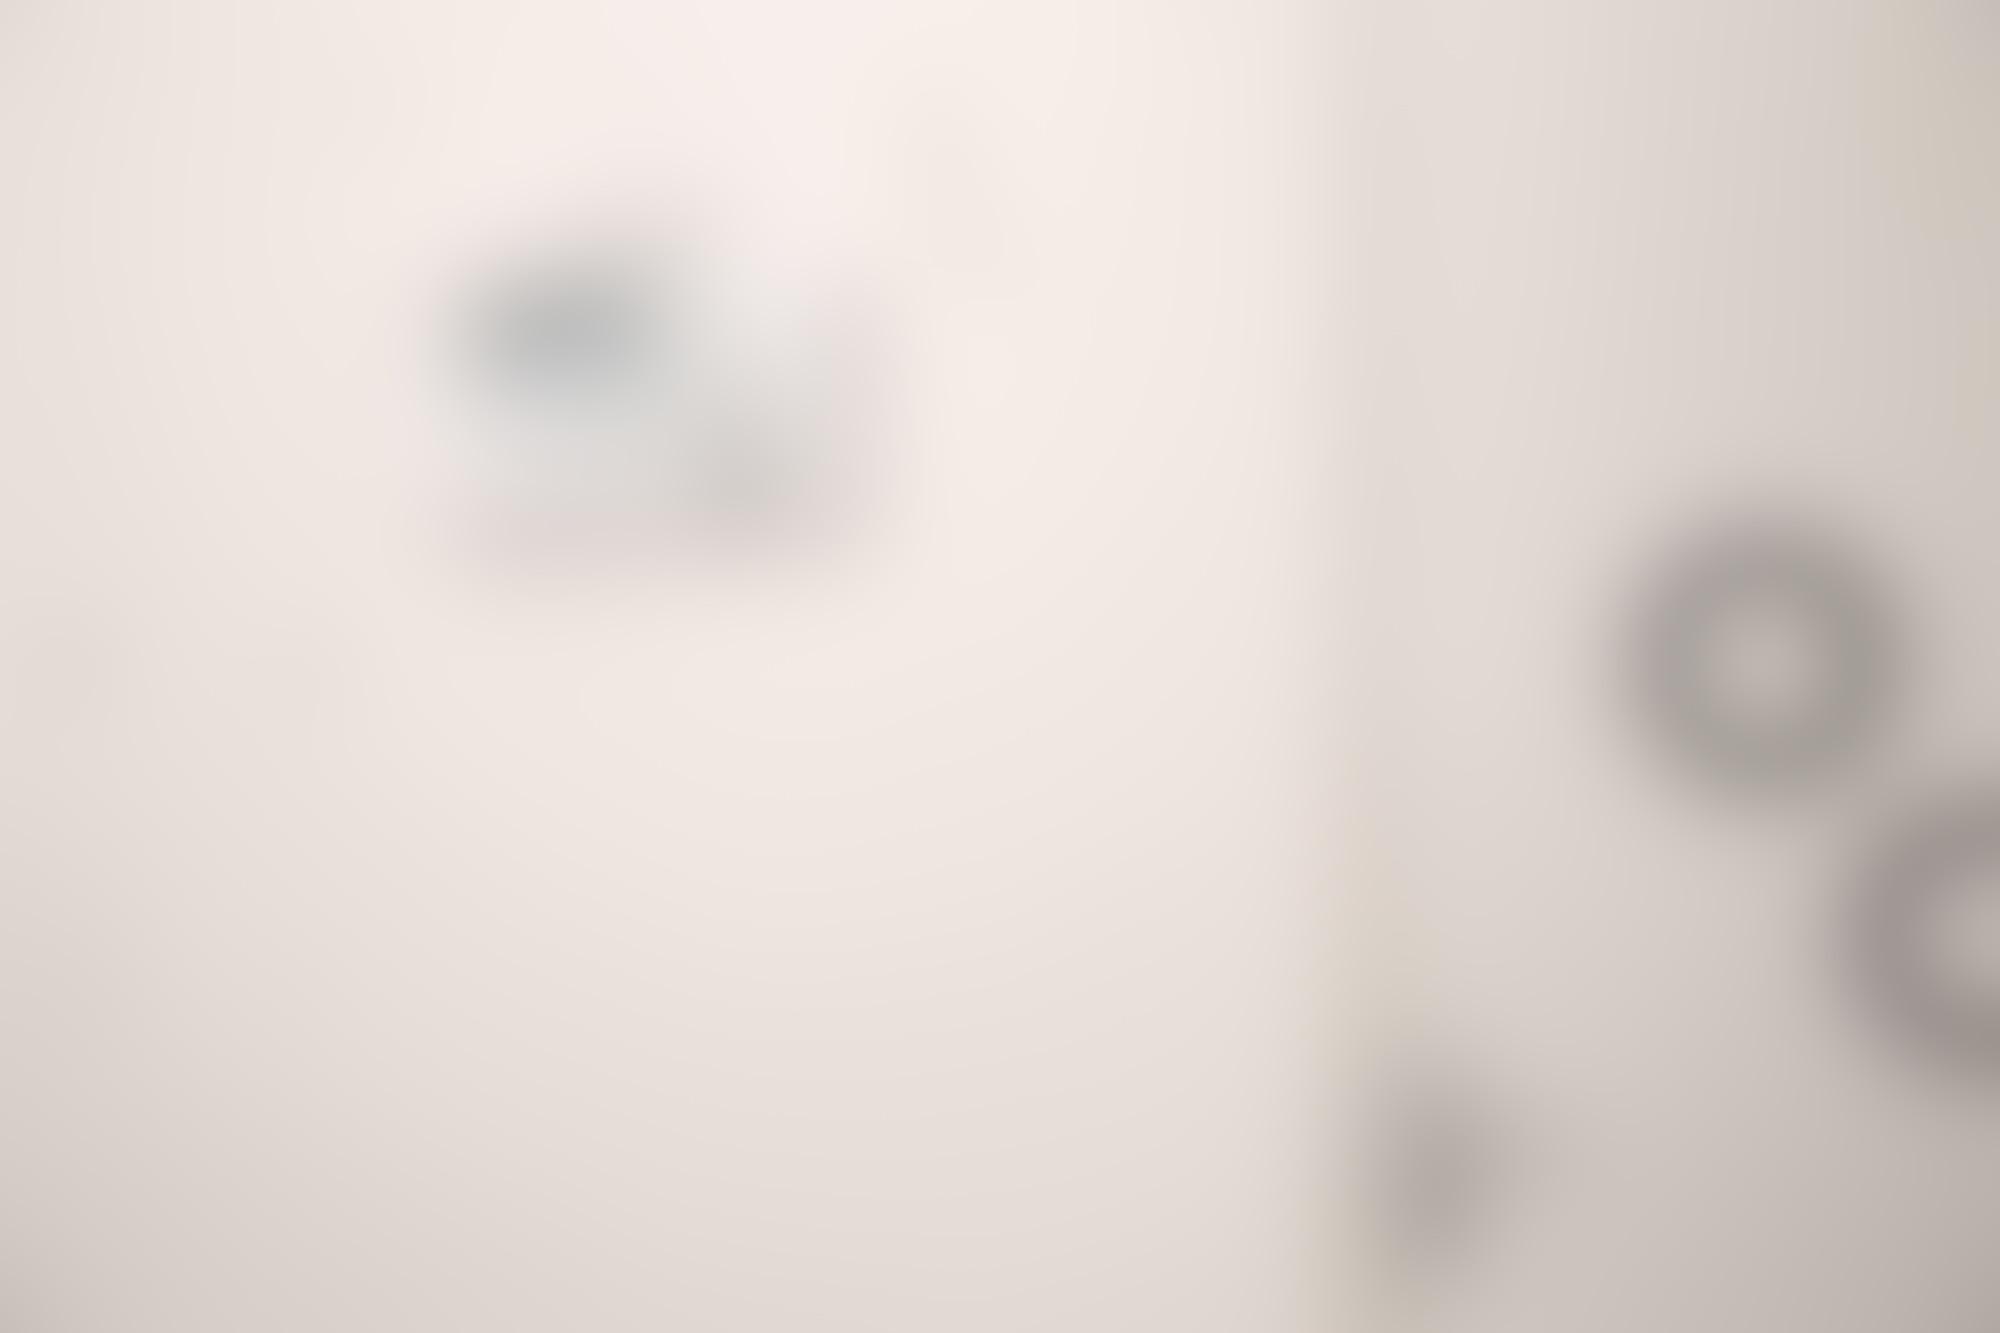 Studio interior Ryan Gander 2015 3 autocompressfitresizeixlibphp 1 1 0max h2000max w3 D2000q80sadd3d512c5129bc5102d841000f4639b